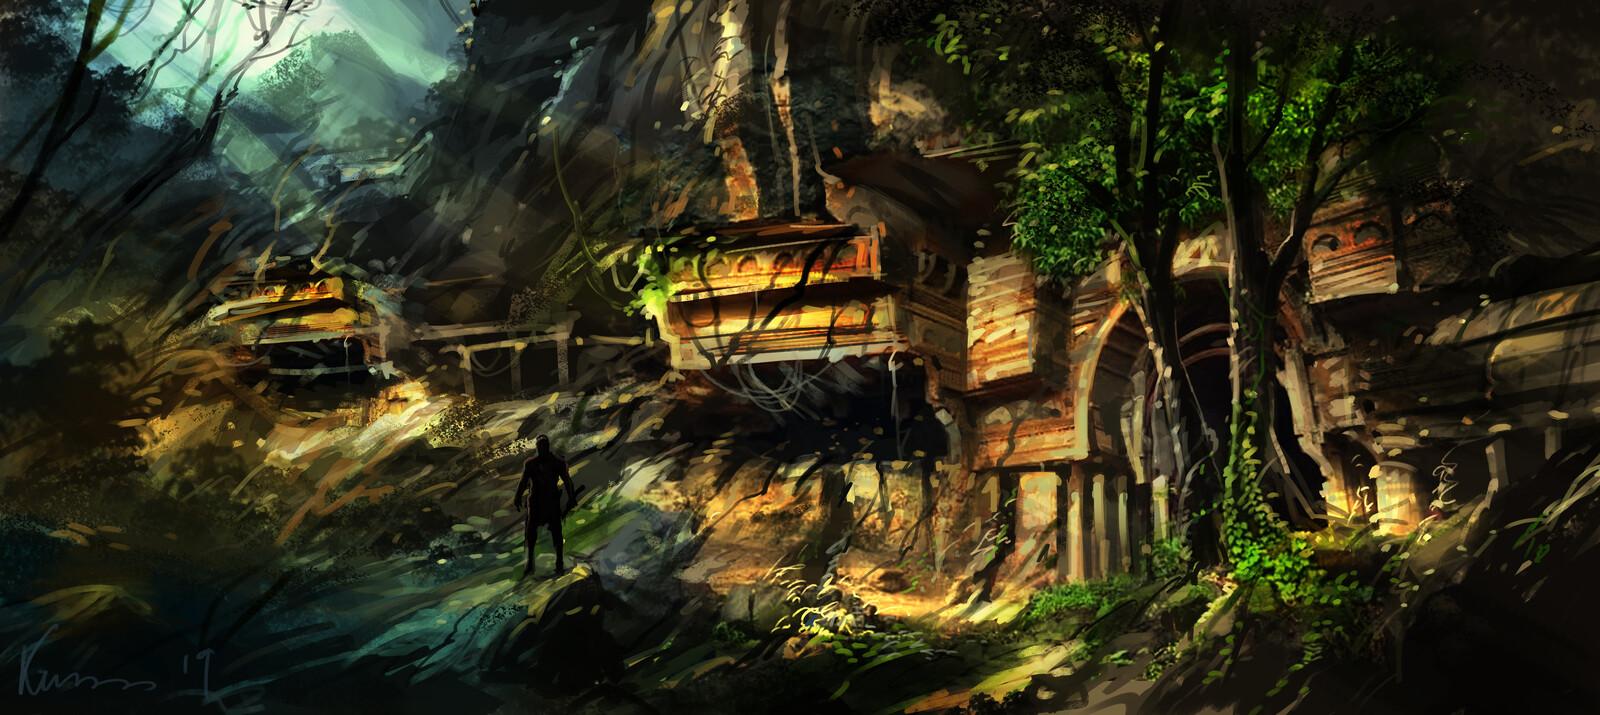 game environment  concept  1